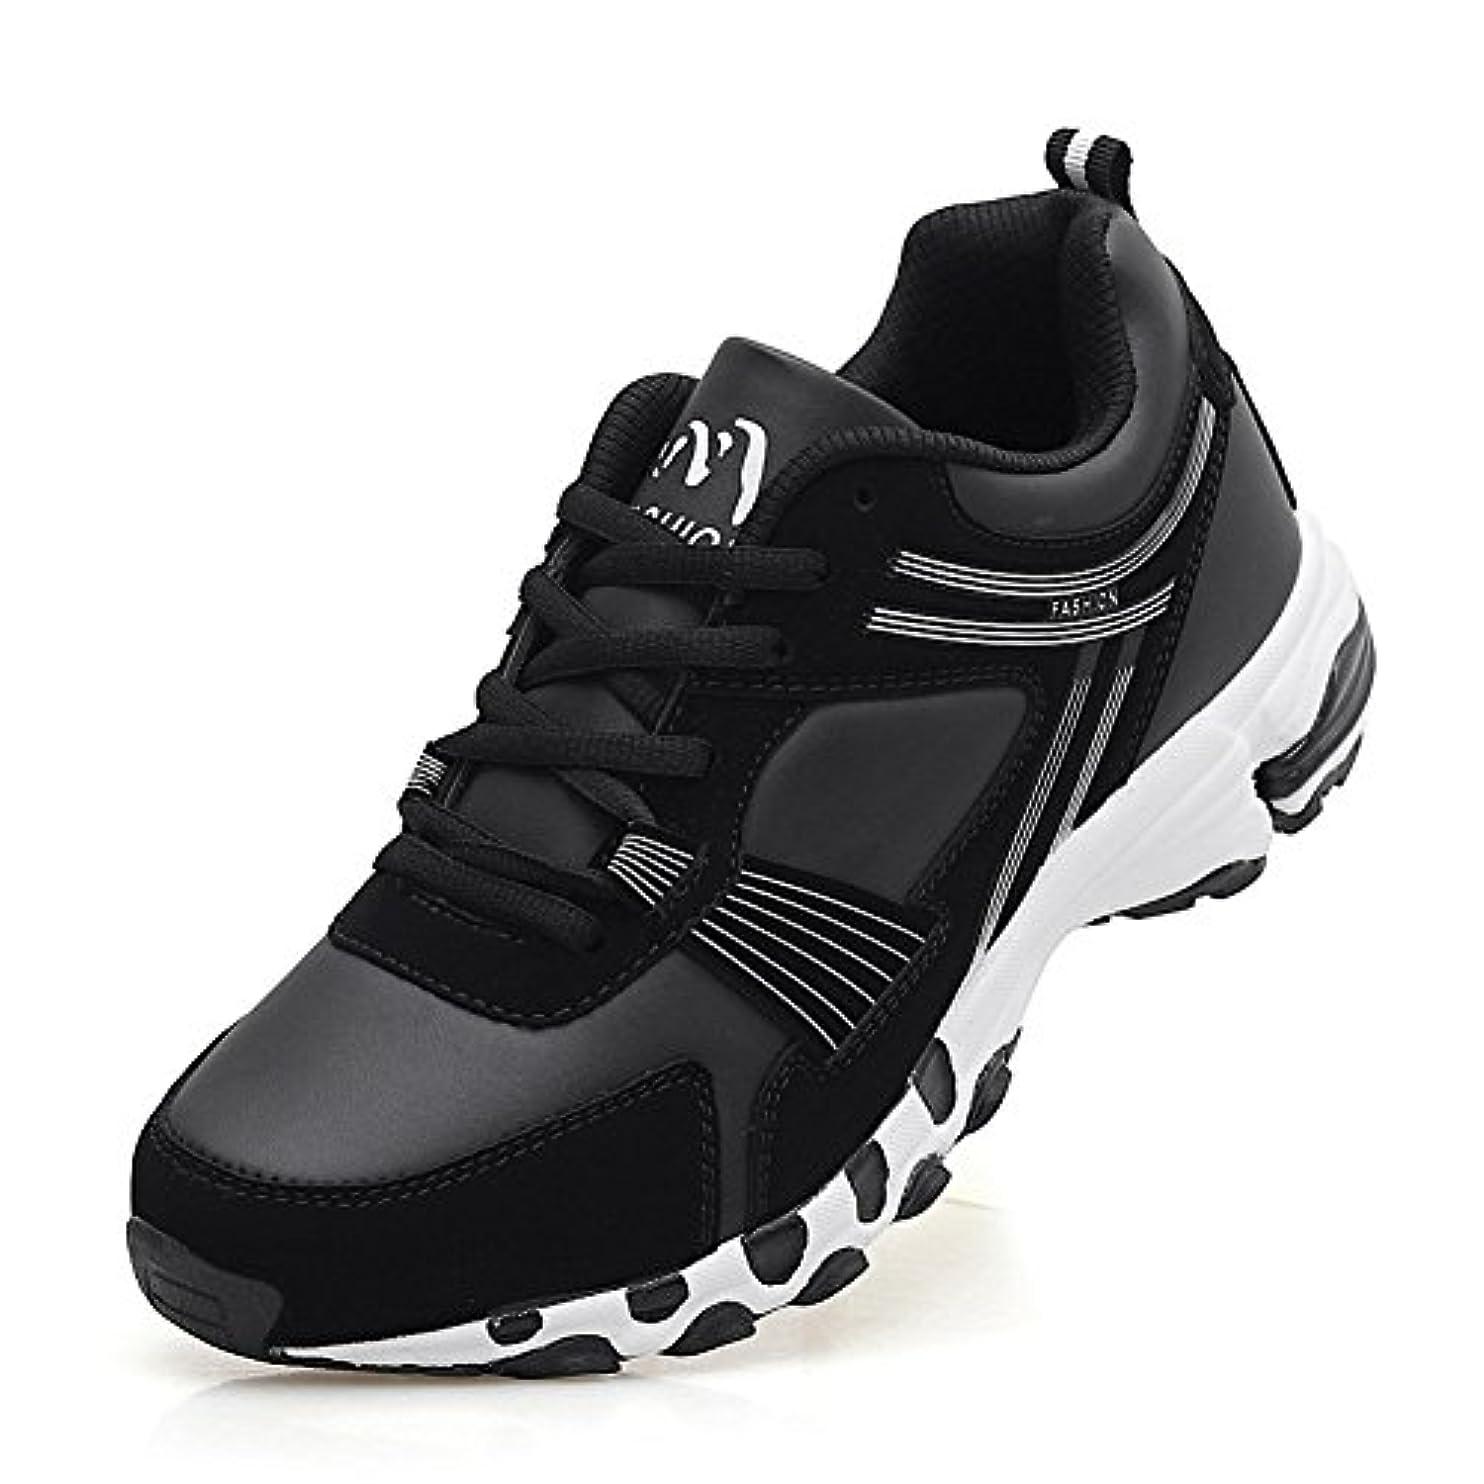 シリアル定義そばに[HONGJING]メンズ 透気 スポーツ ランニングシューズ クッション性 カジュアル ウオーキングシューズ オールシーズン 運動靴 登山靴 ステッチ 通勤 通学 旅行用 トレッキングシューズ トラベル スニーカー  黒白 25.5CM